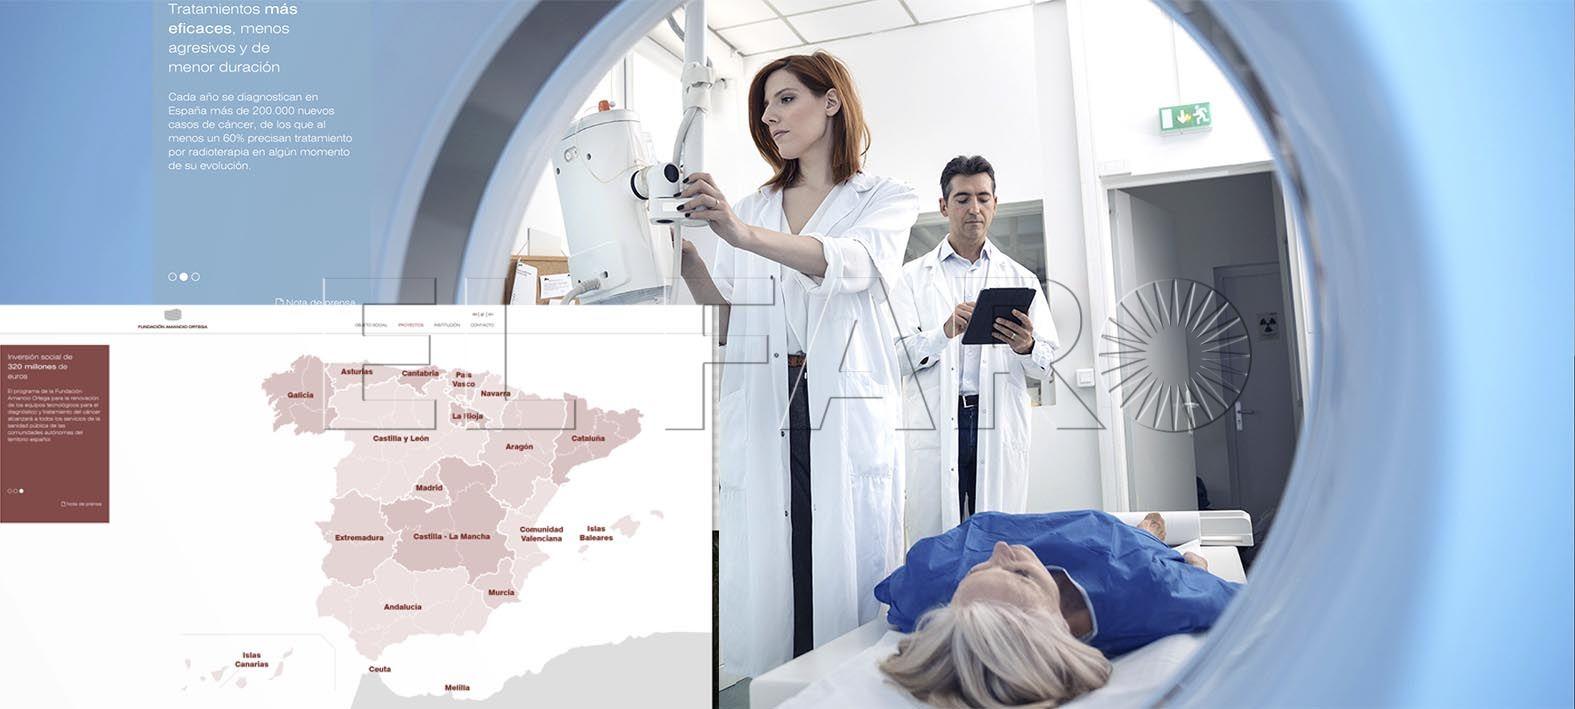 La Fundación Amancio Ortega contempla a Ceuta y Melilla en su donación para la atención oncológica